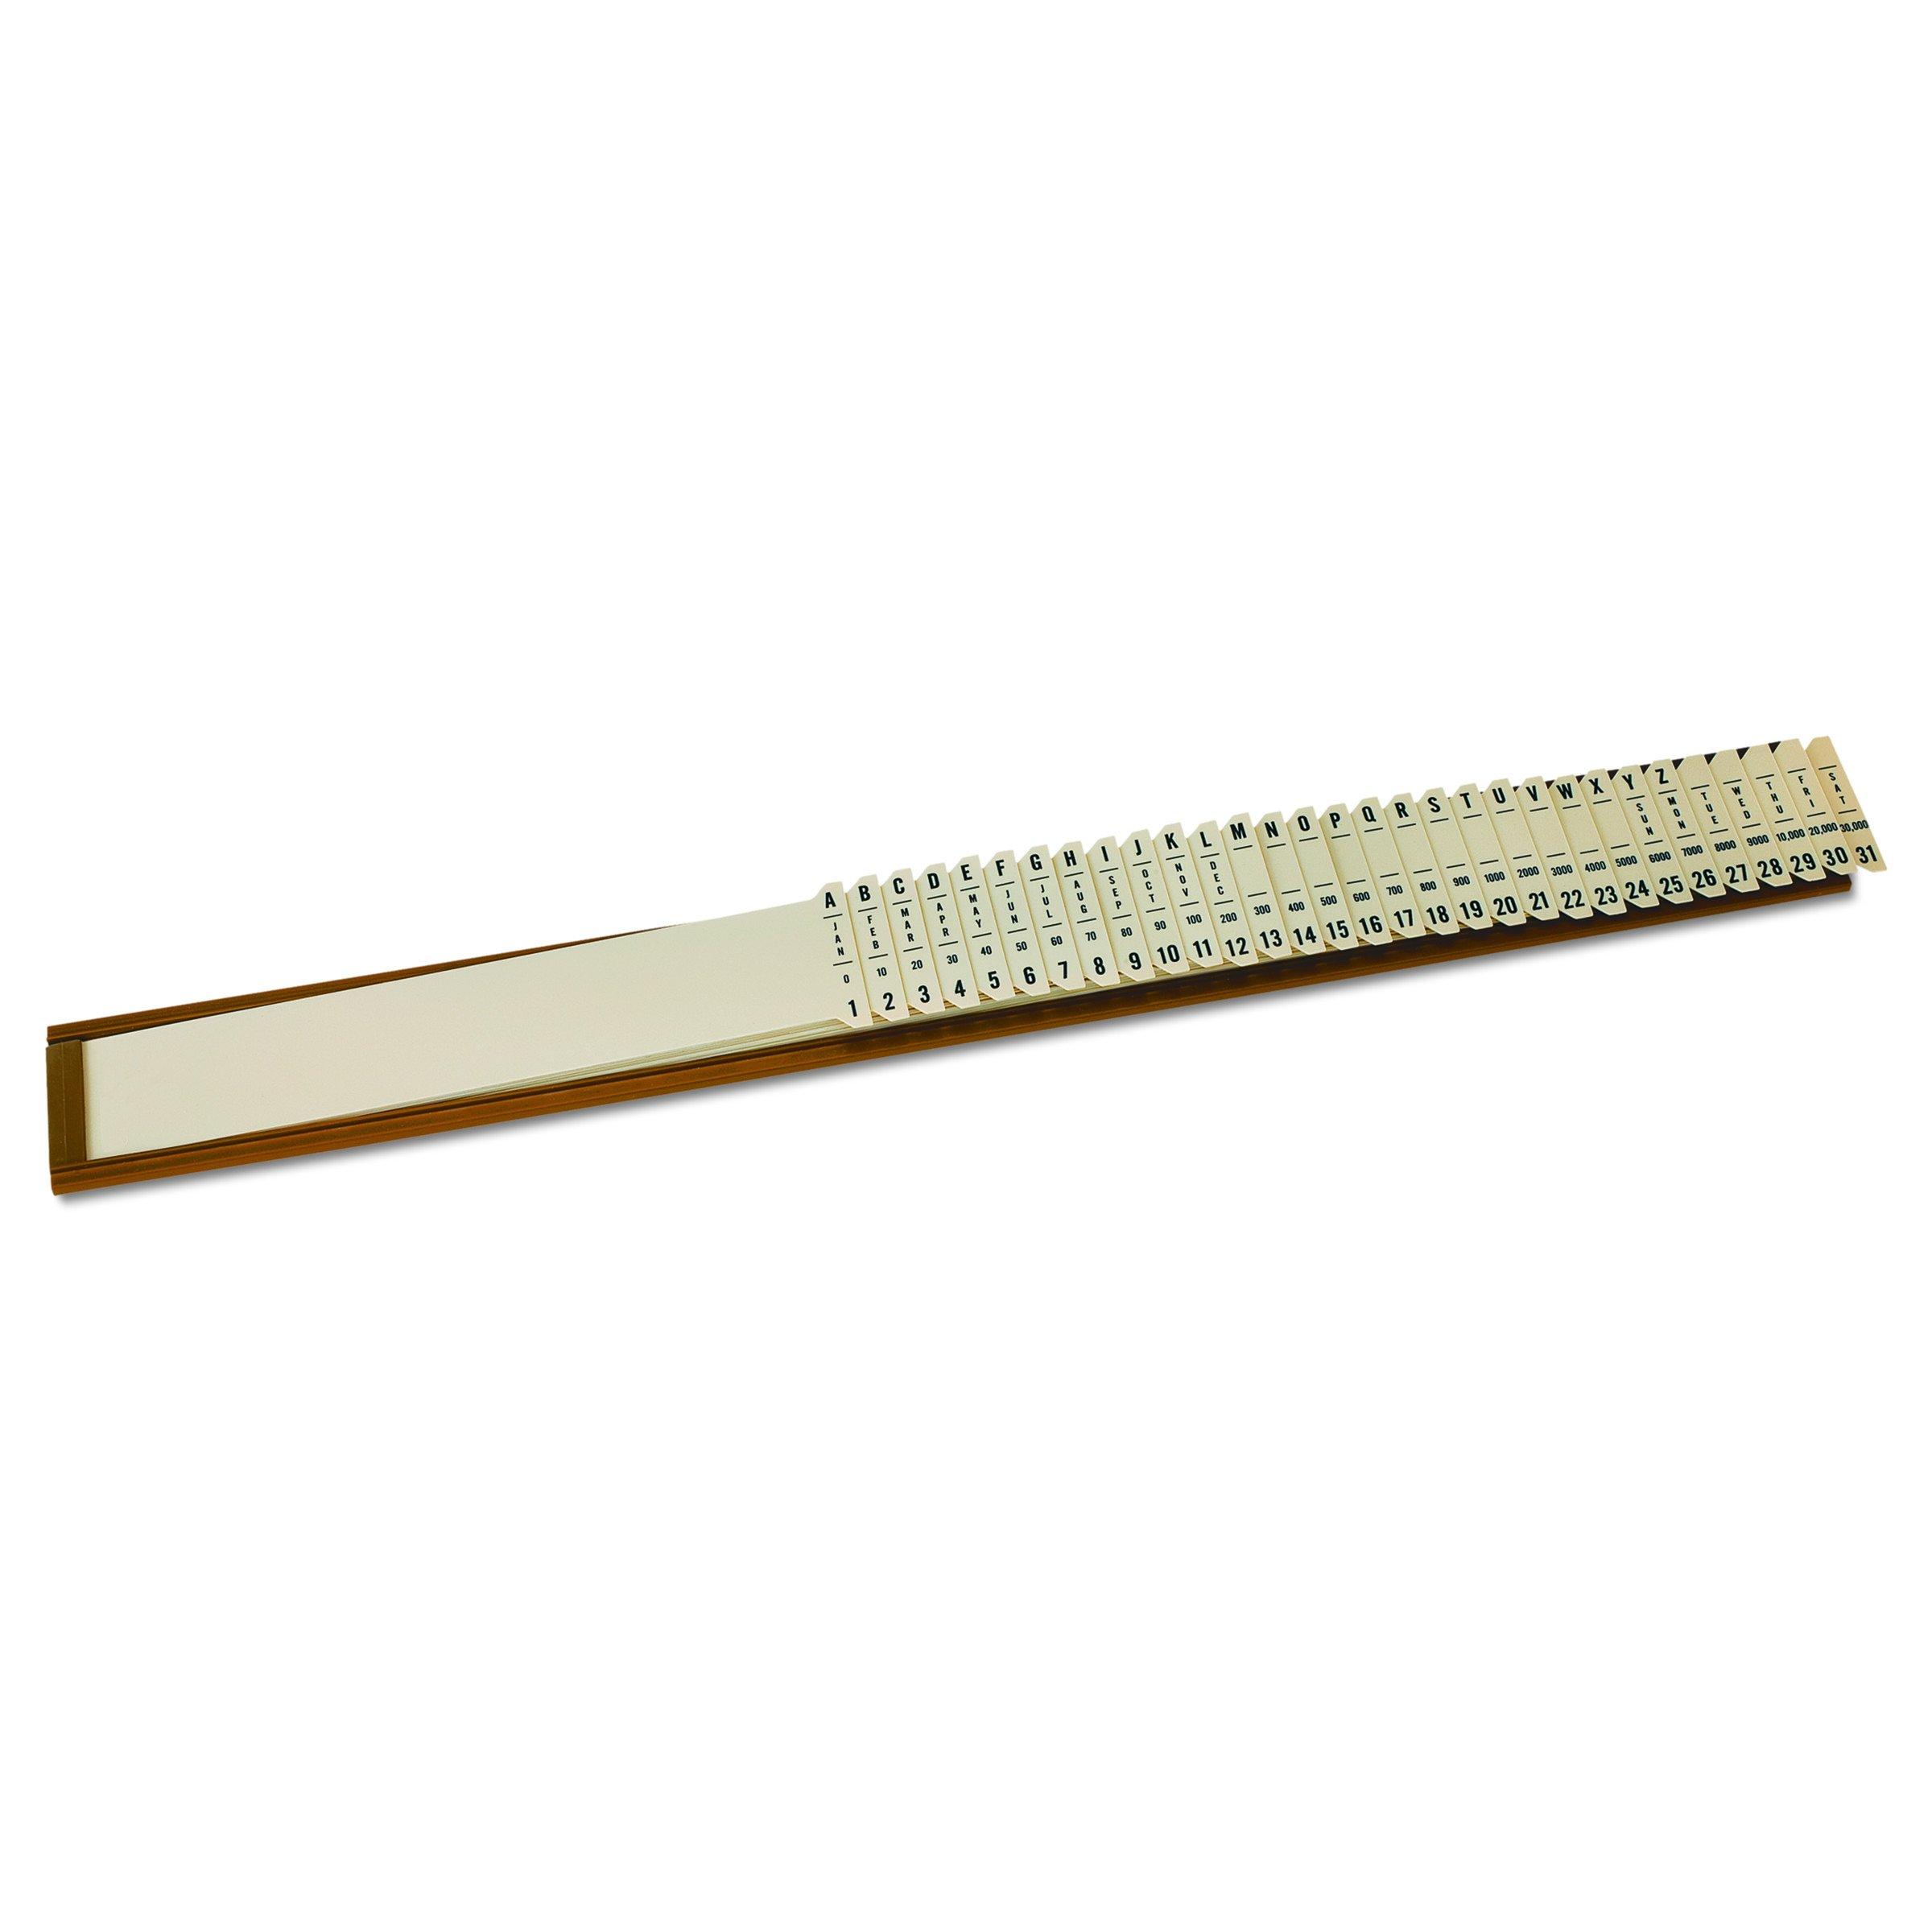 Pendaflex Plastic Sort-All Sorter, 2-1/2'' x 23-1/4'', Each (40652)